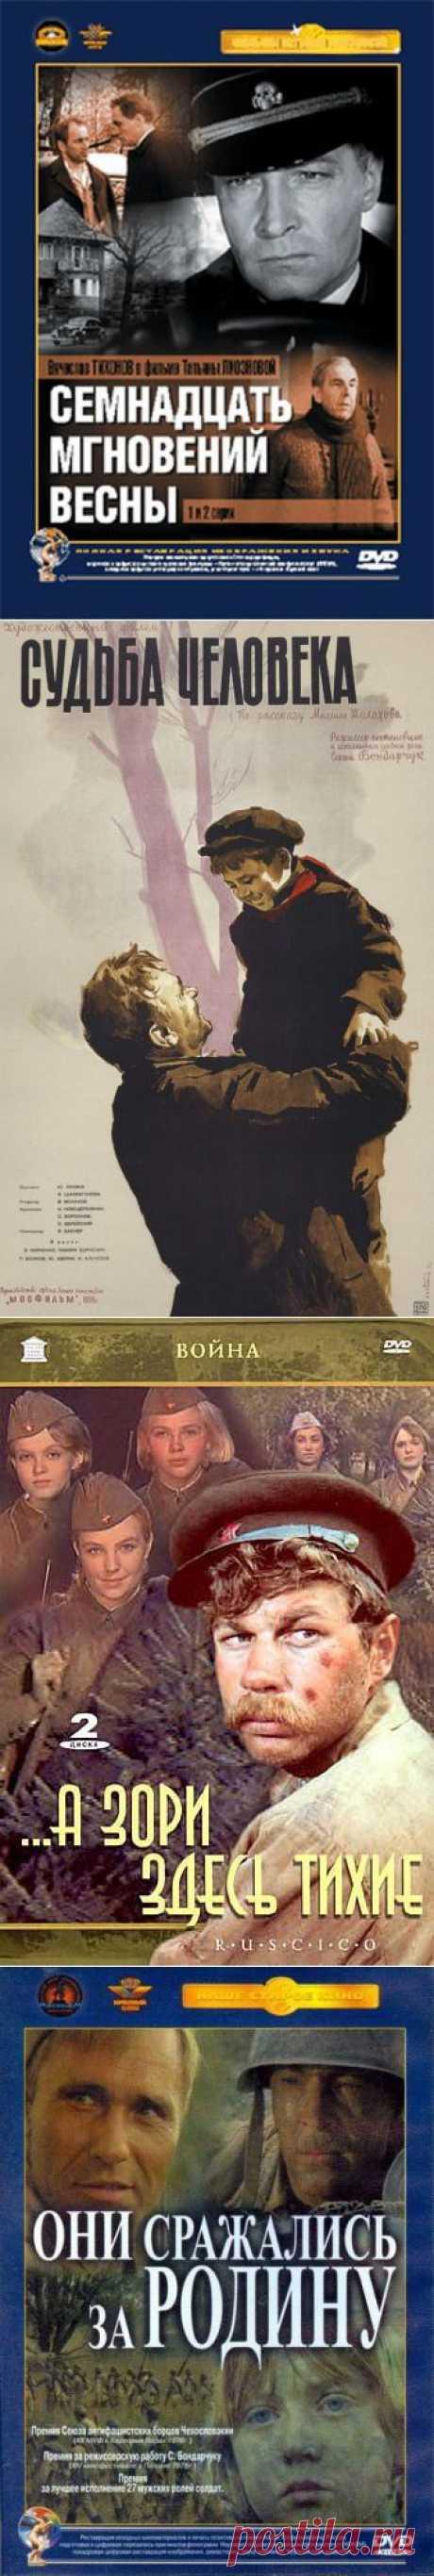 5 лучших советских фильмов о войне / Назад в СССР / Back in USSR